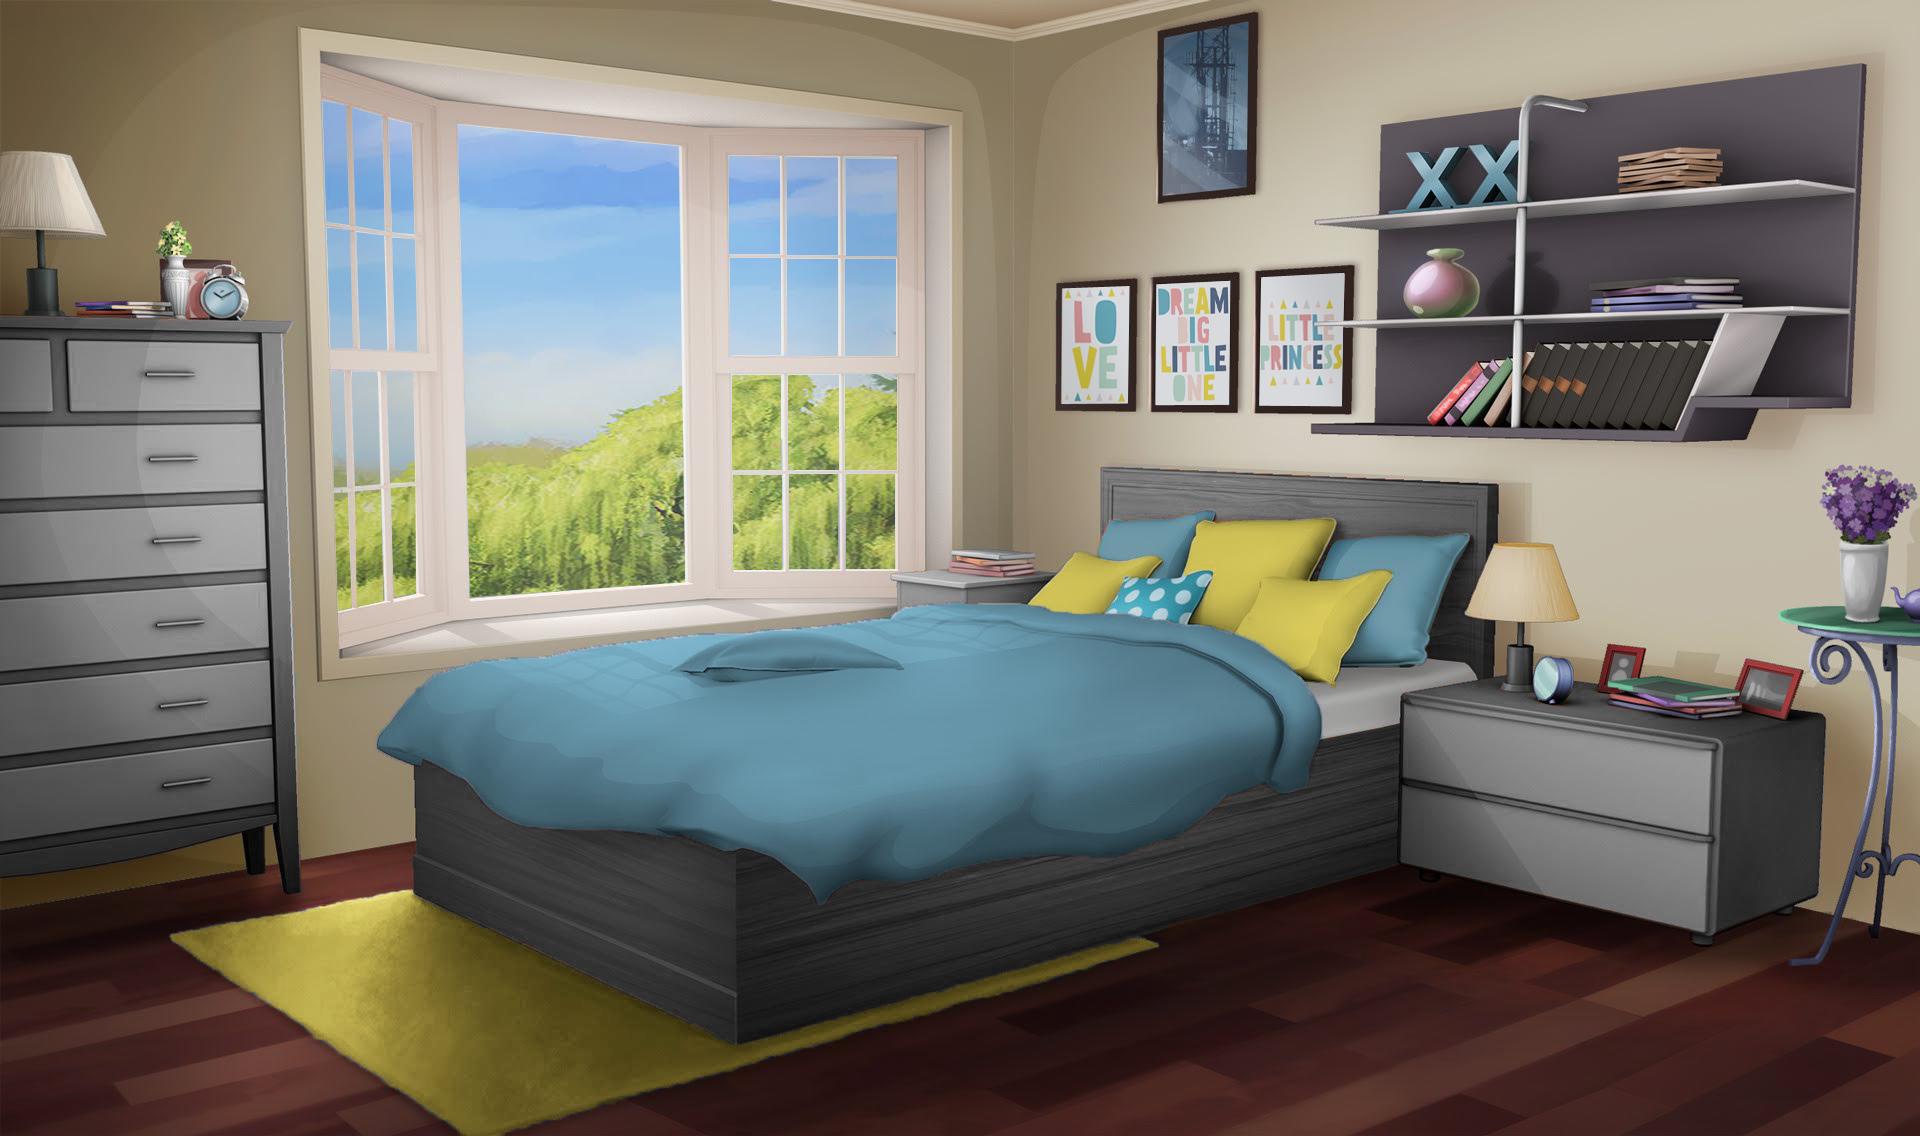 Best Backgrounds Episode Life Bedroom Night Episode 640 x 480